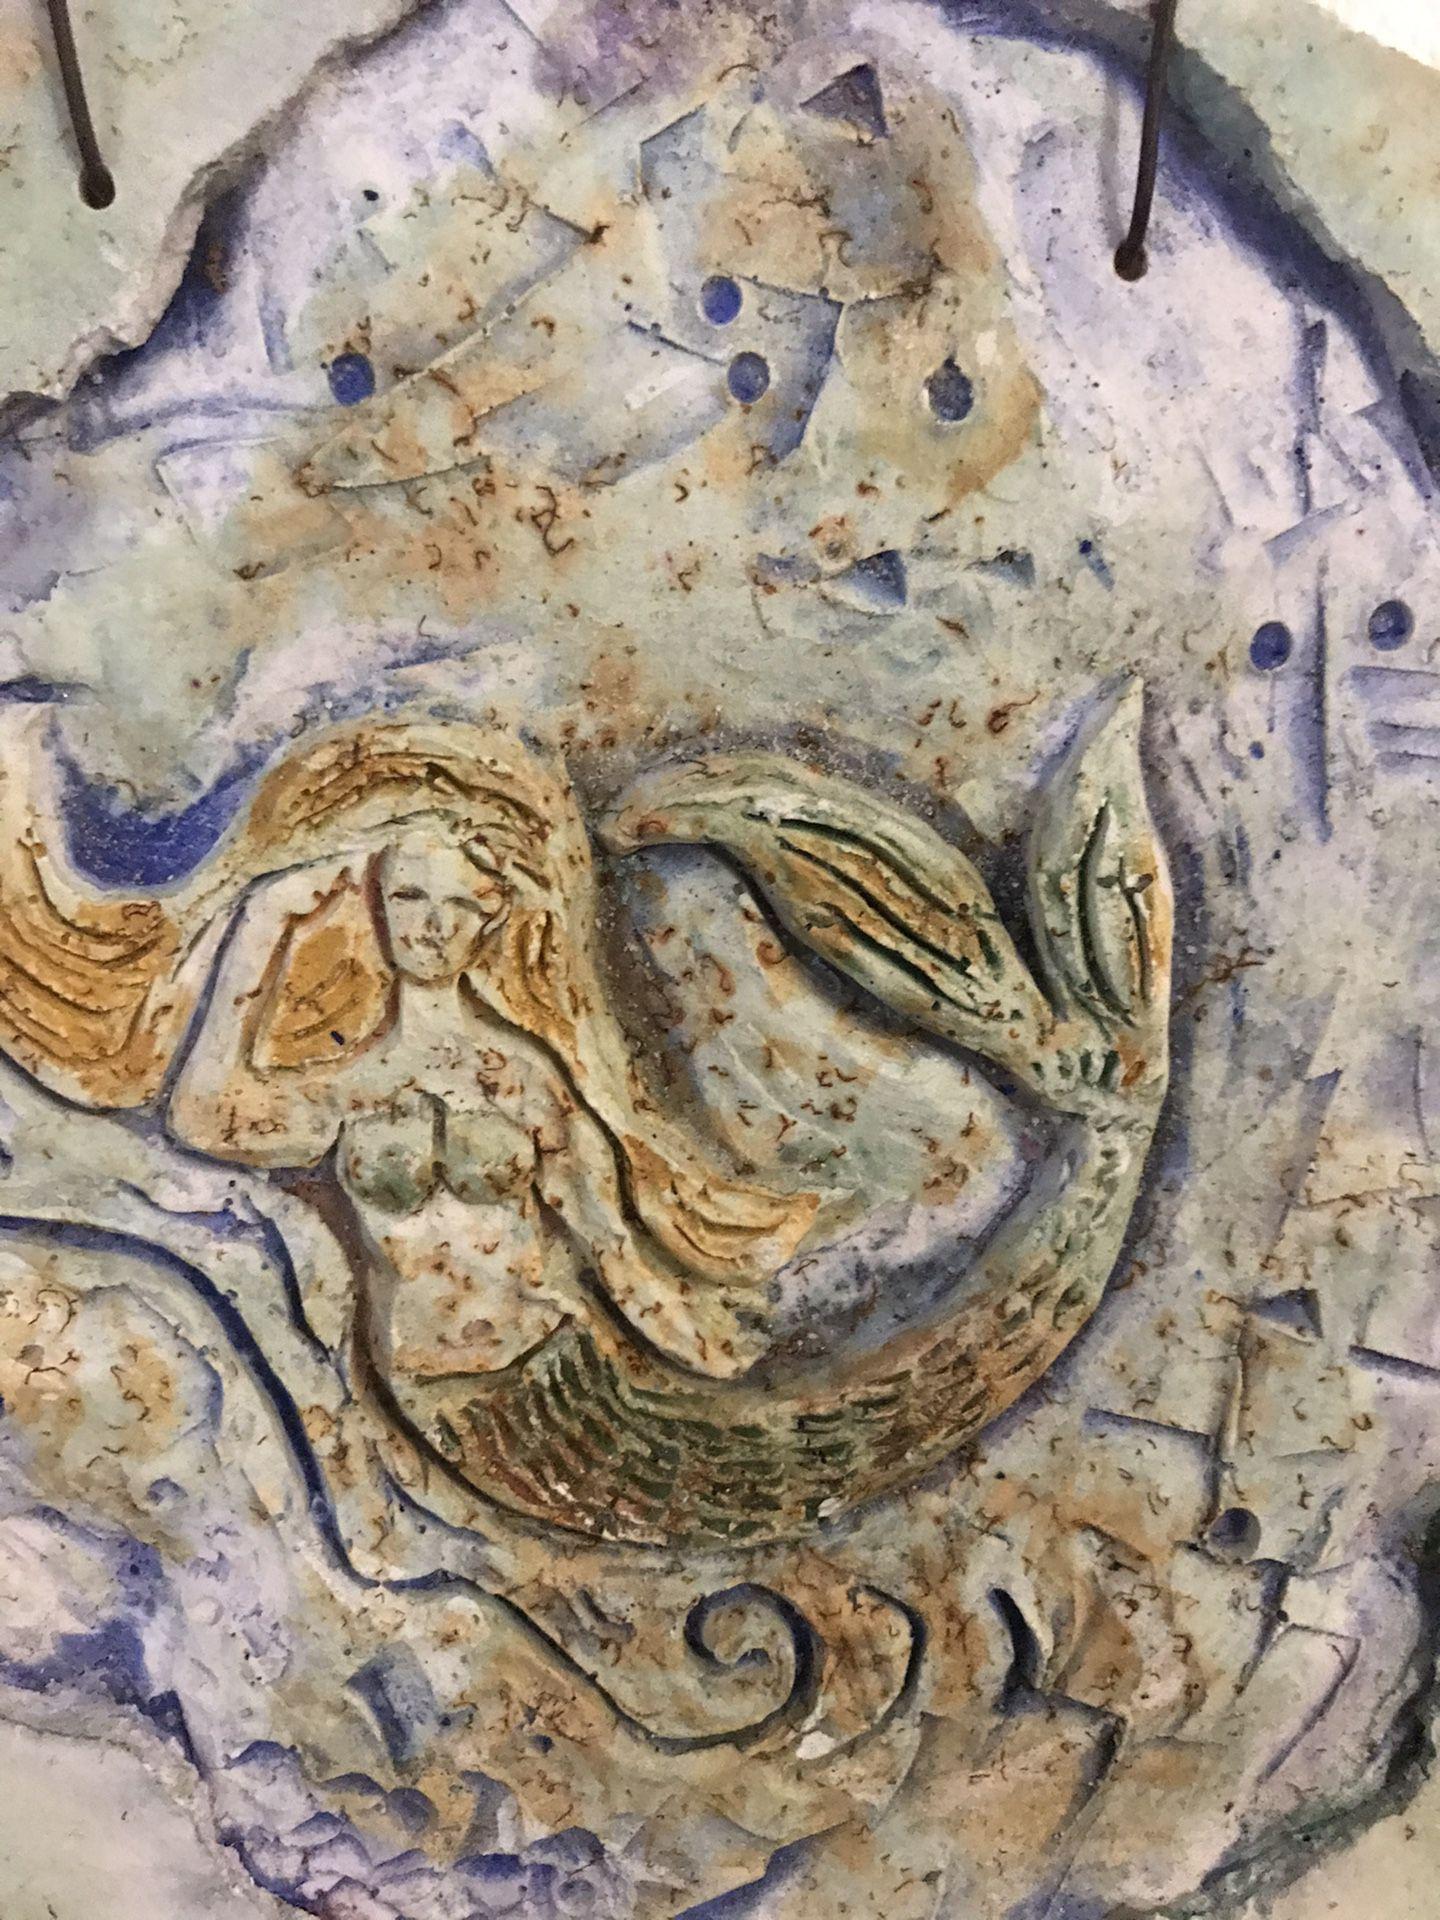 Mermaid decoration, ceramic art